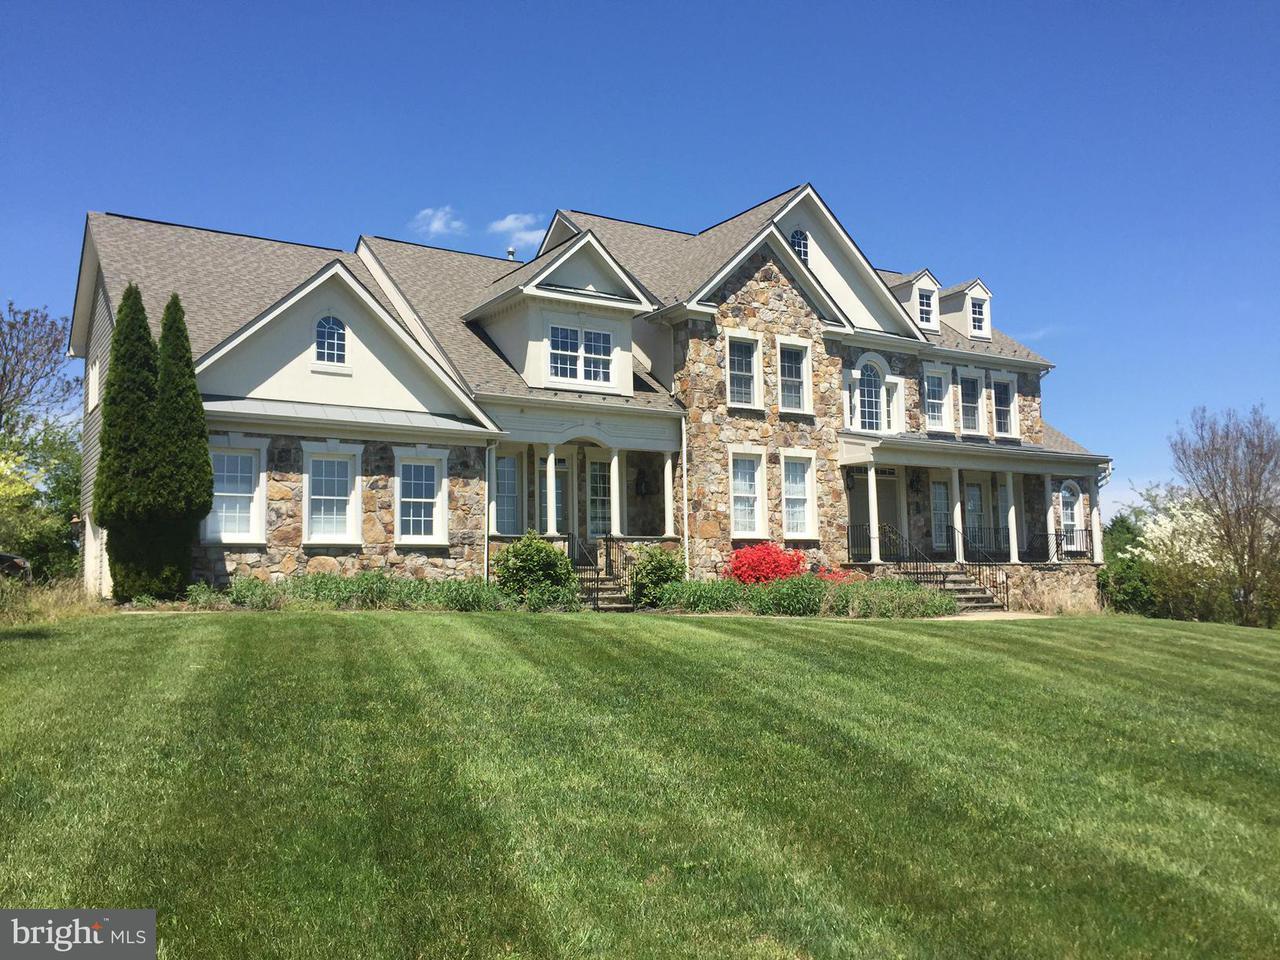 Μονοκατοικία για την Πώληση στο 14416 MONTICELLO Drive 14416 MONTICELLO Drive Cooksville, Μεριλαντ 21723 Ηνωμενεσ Πολιτειεσ